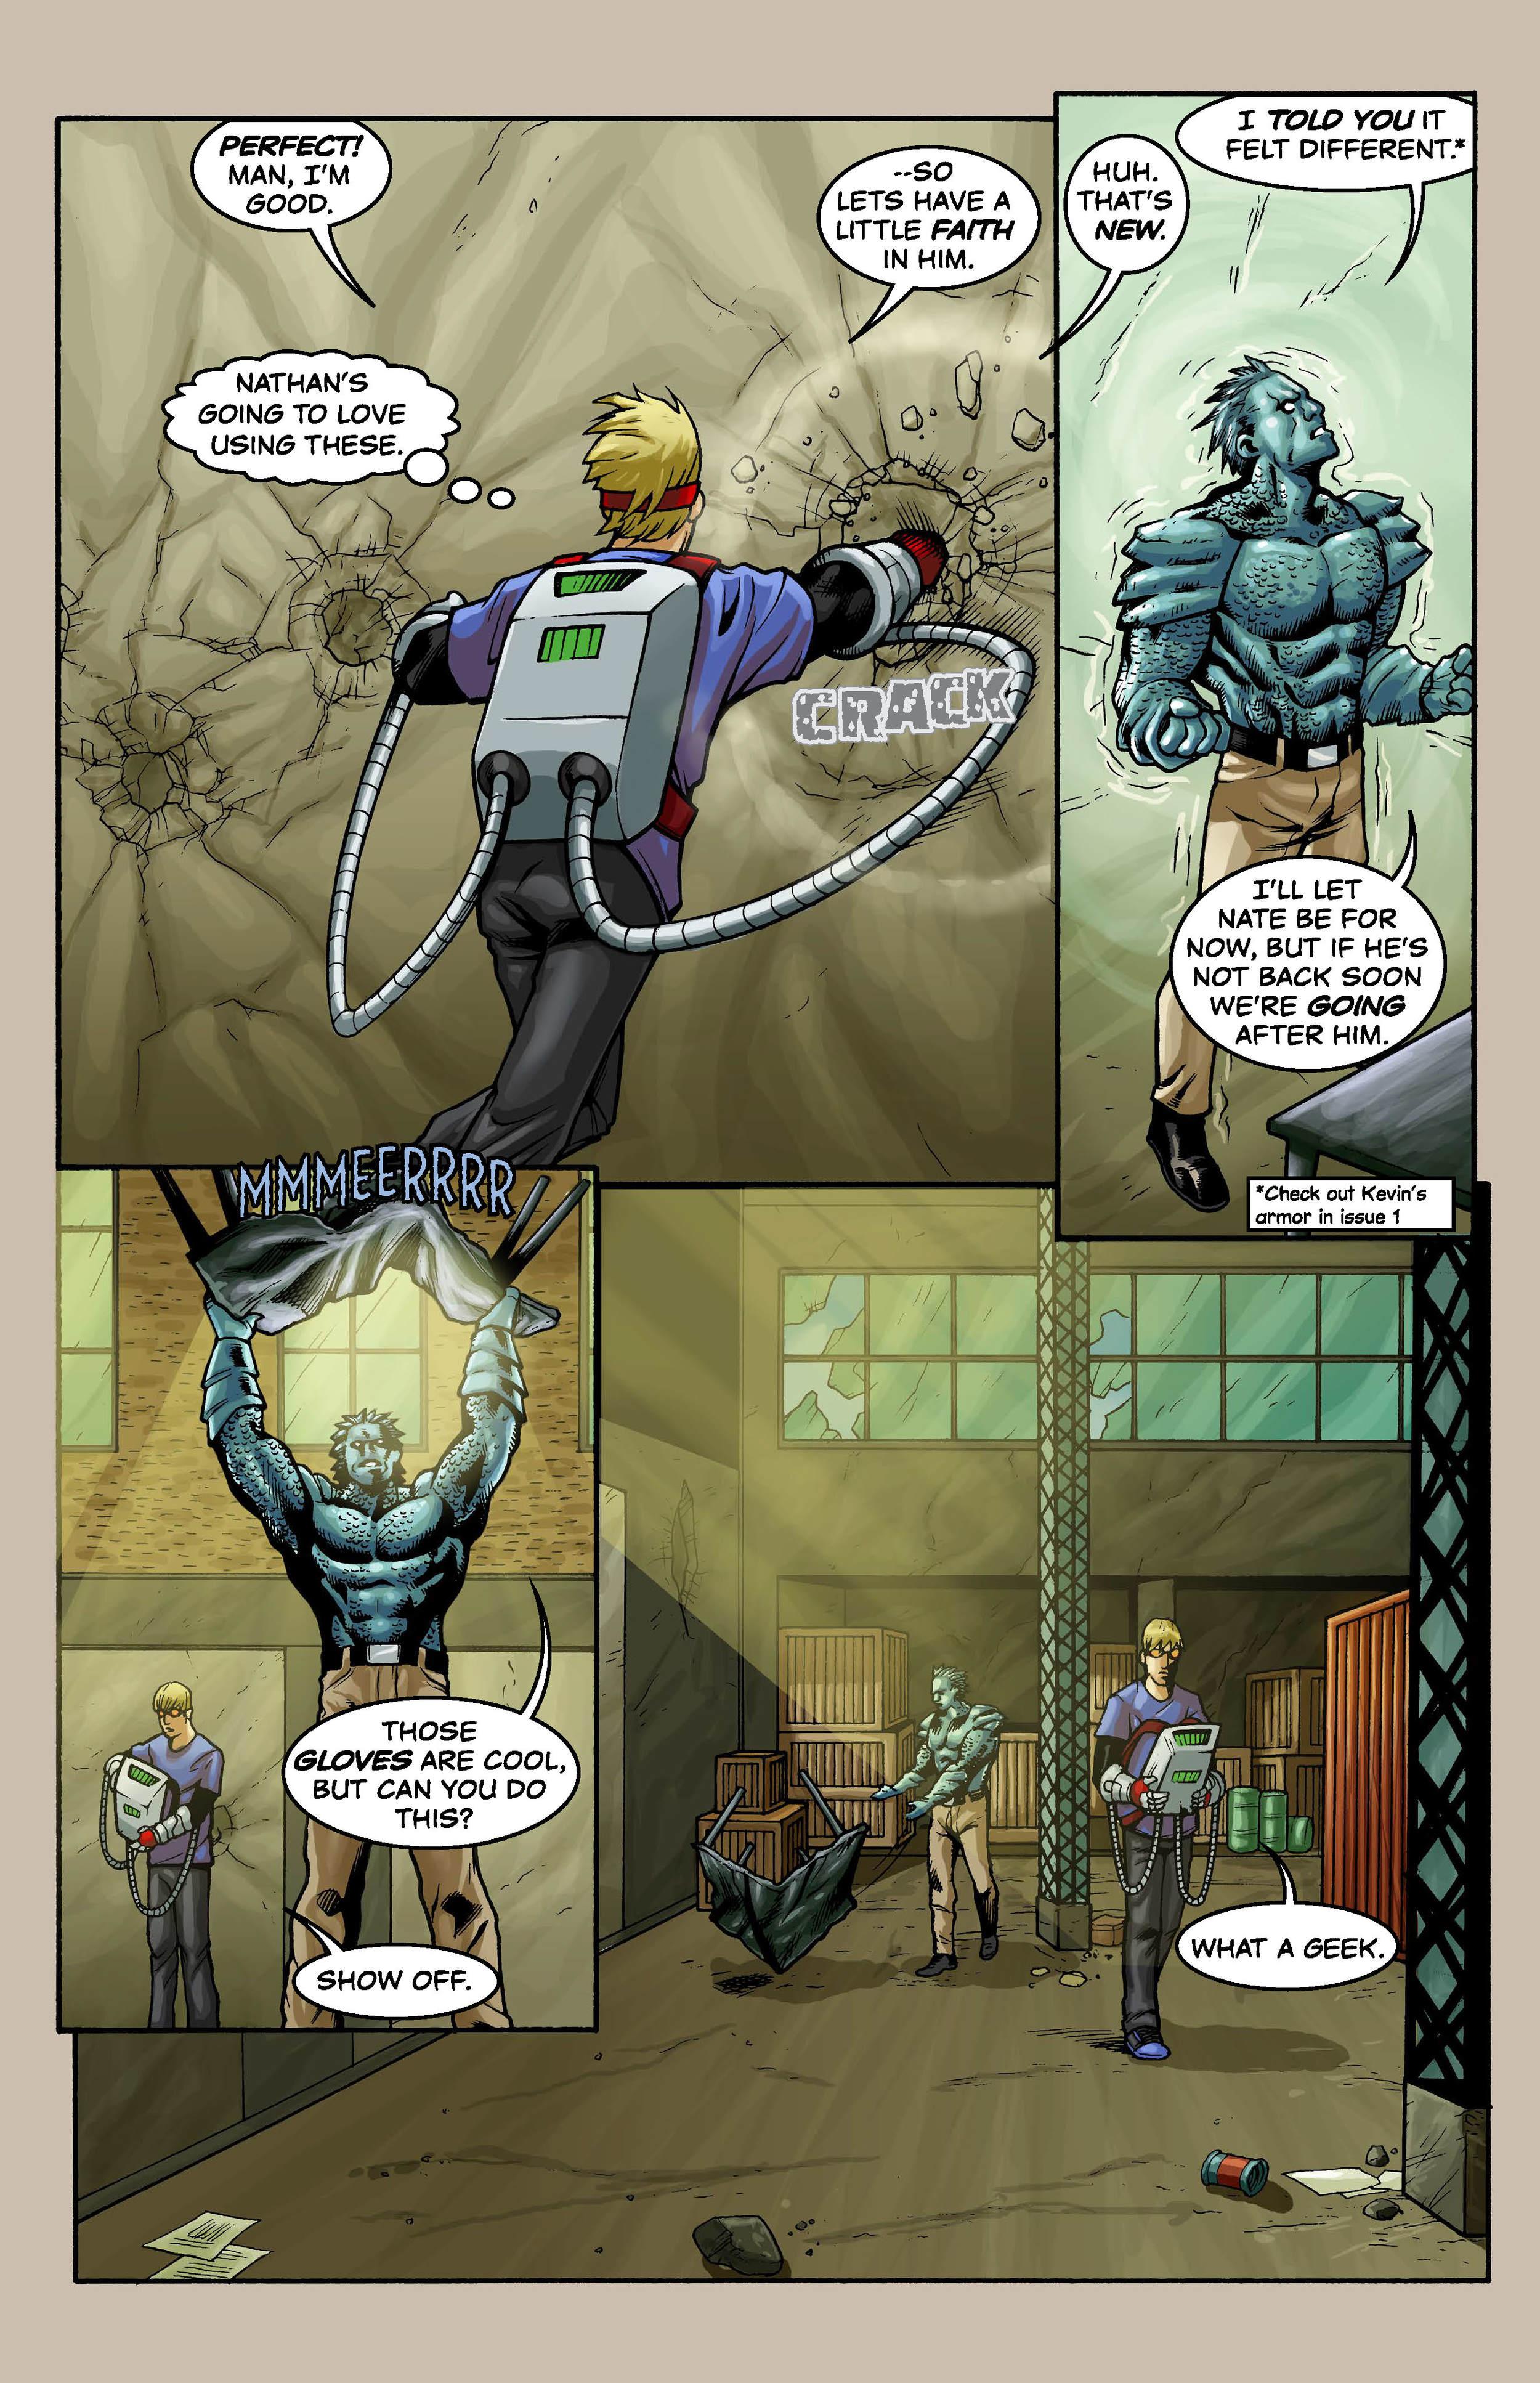 TT_Issue03_Digital_Page_26.jpg